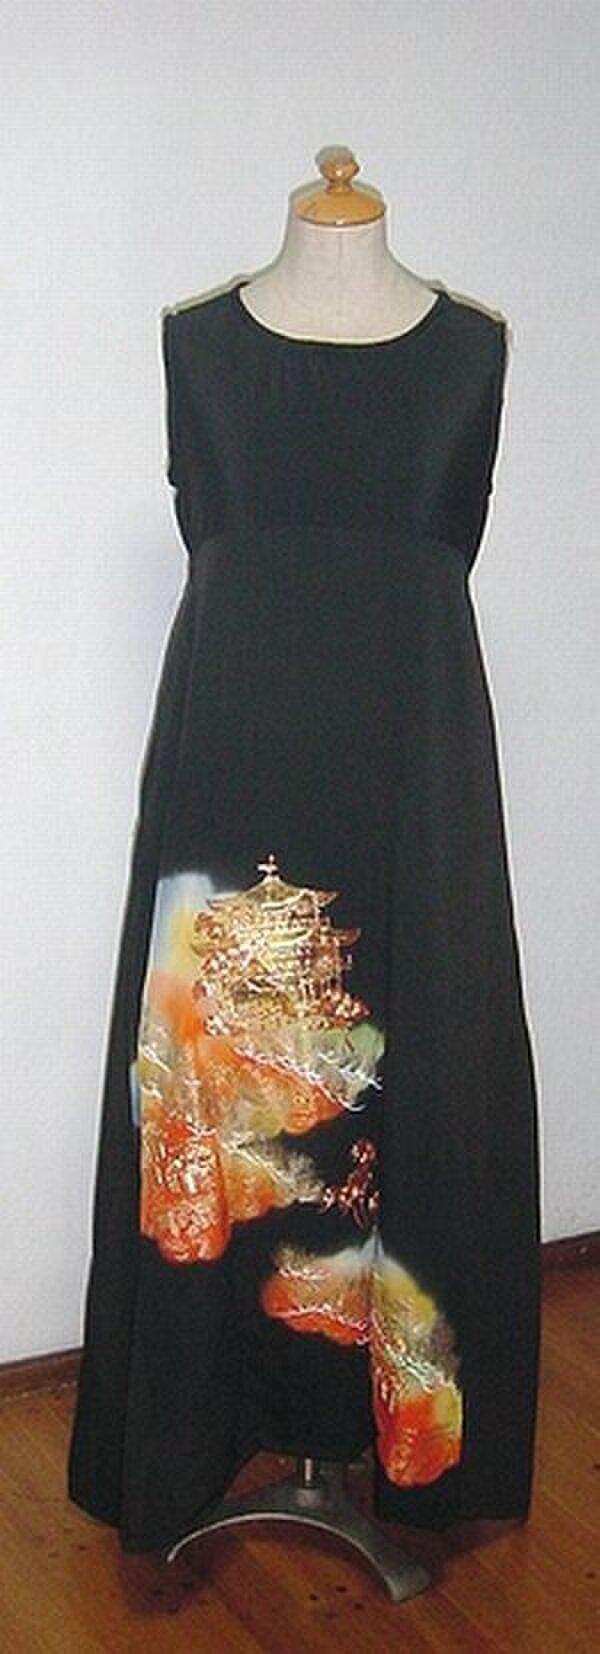 金閣寺が素敵な留袖チュニックワンピース★裾変形の画像1枚目